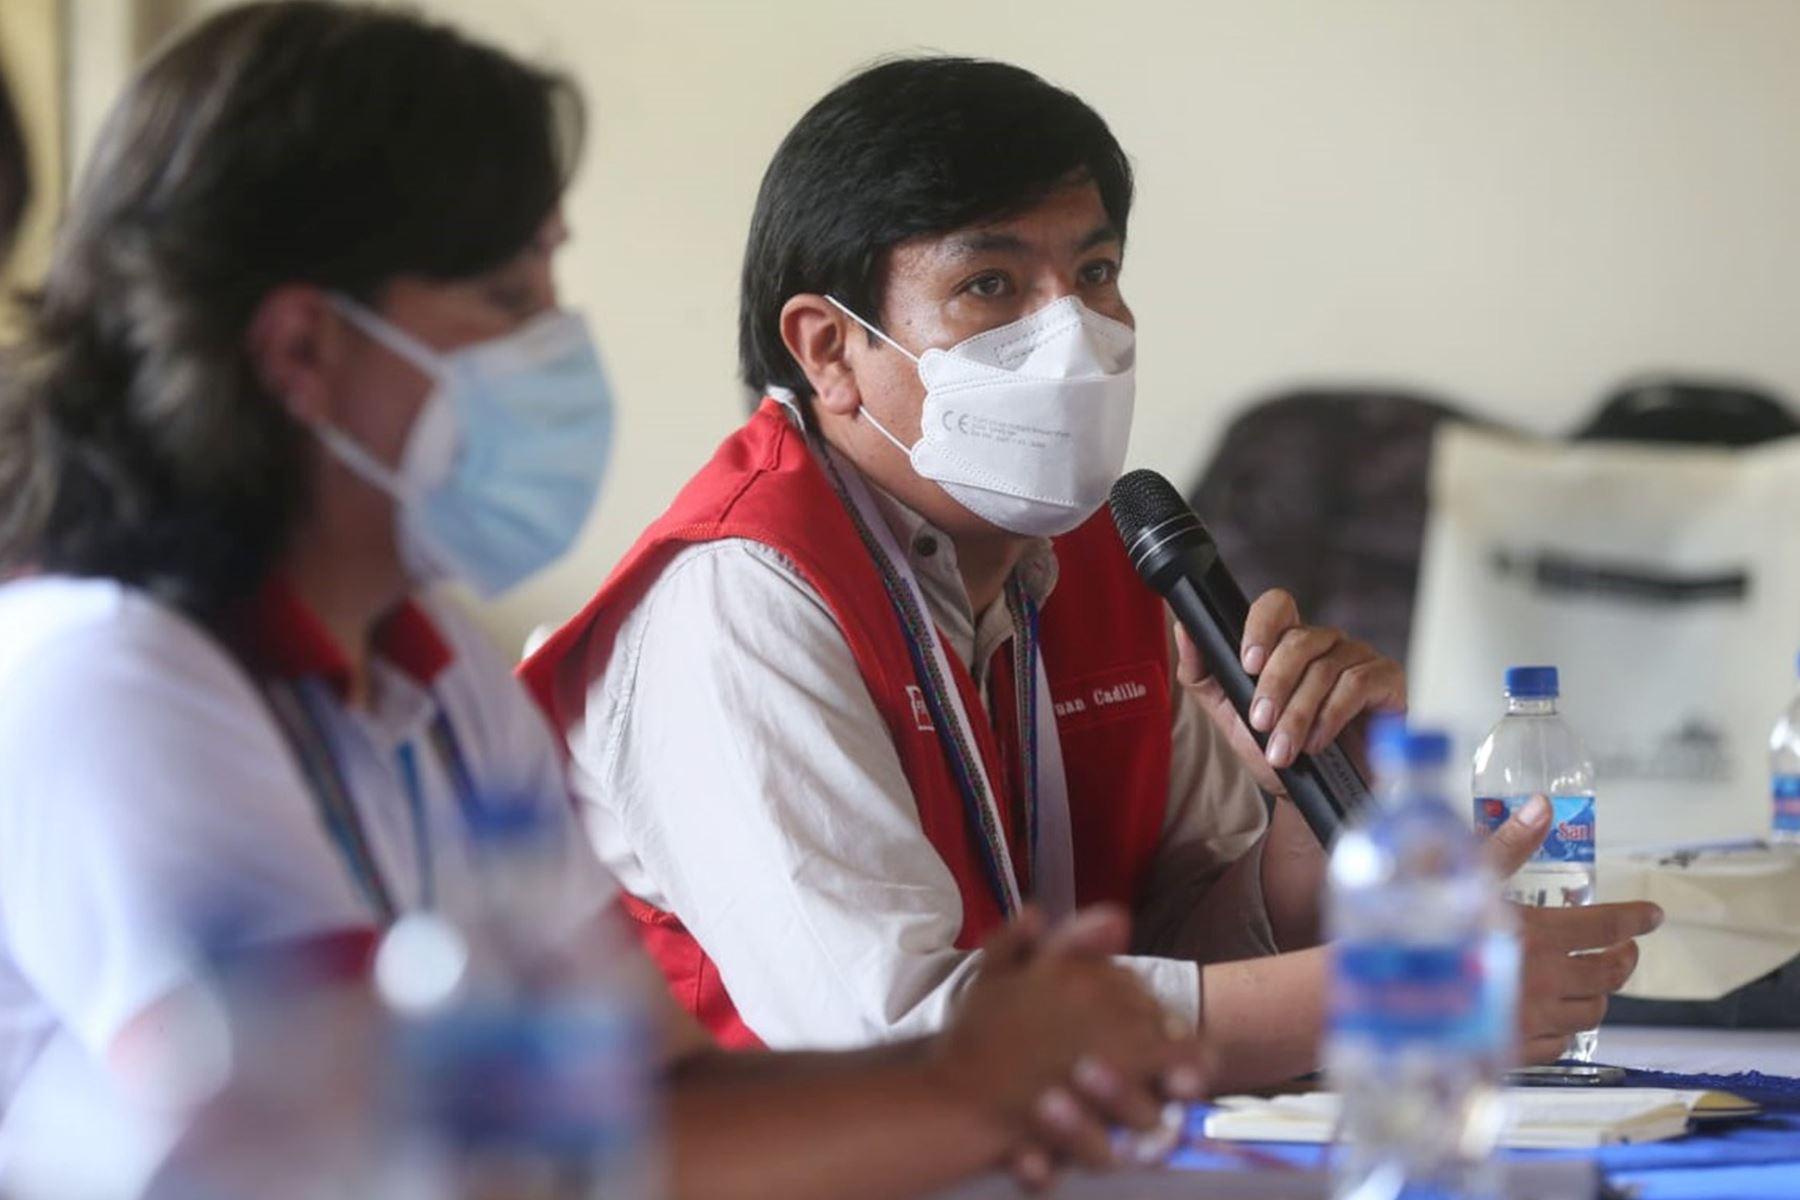 El ministro de Educación, Juan Cadillo, participa en el Gore Ejecutivo que se desarrolla en la ciudad de Iquitos, región Loreto. Foto: ANDINA/Difusión